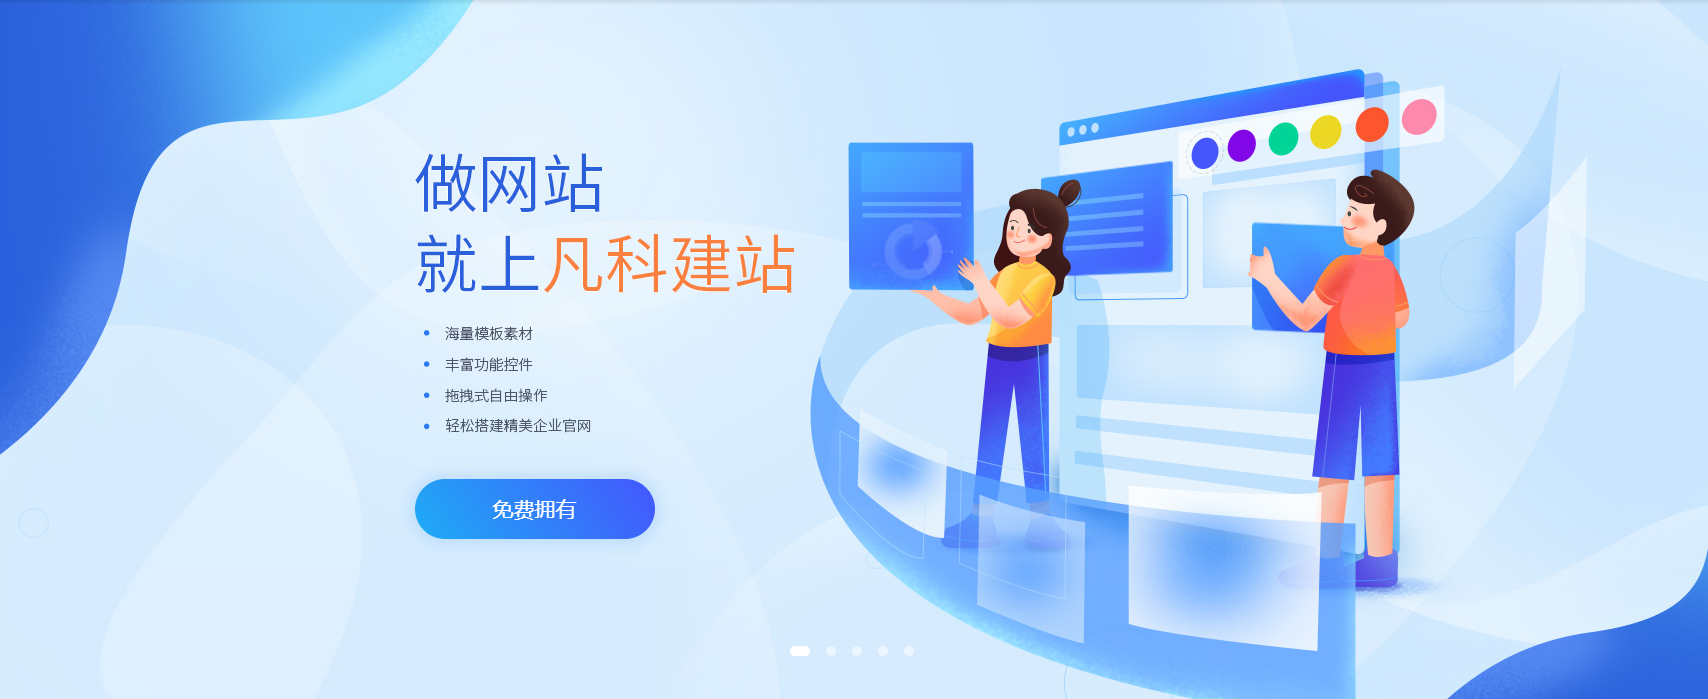 企业网页模板建设